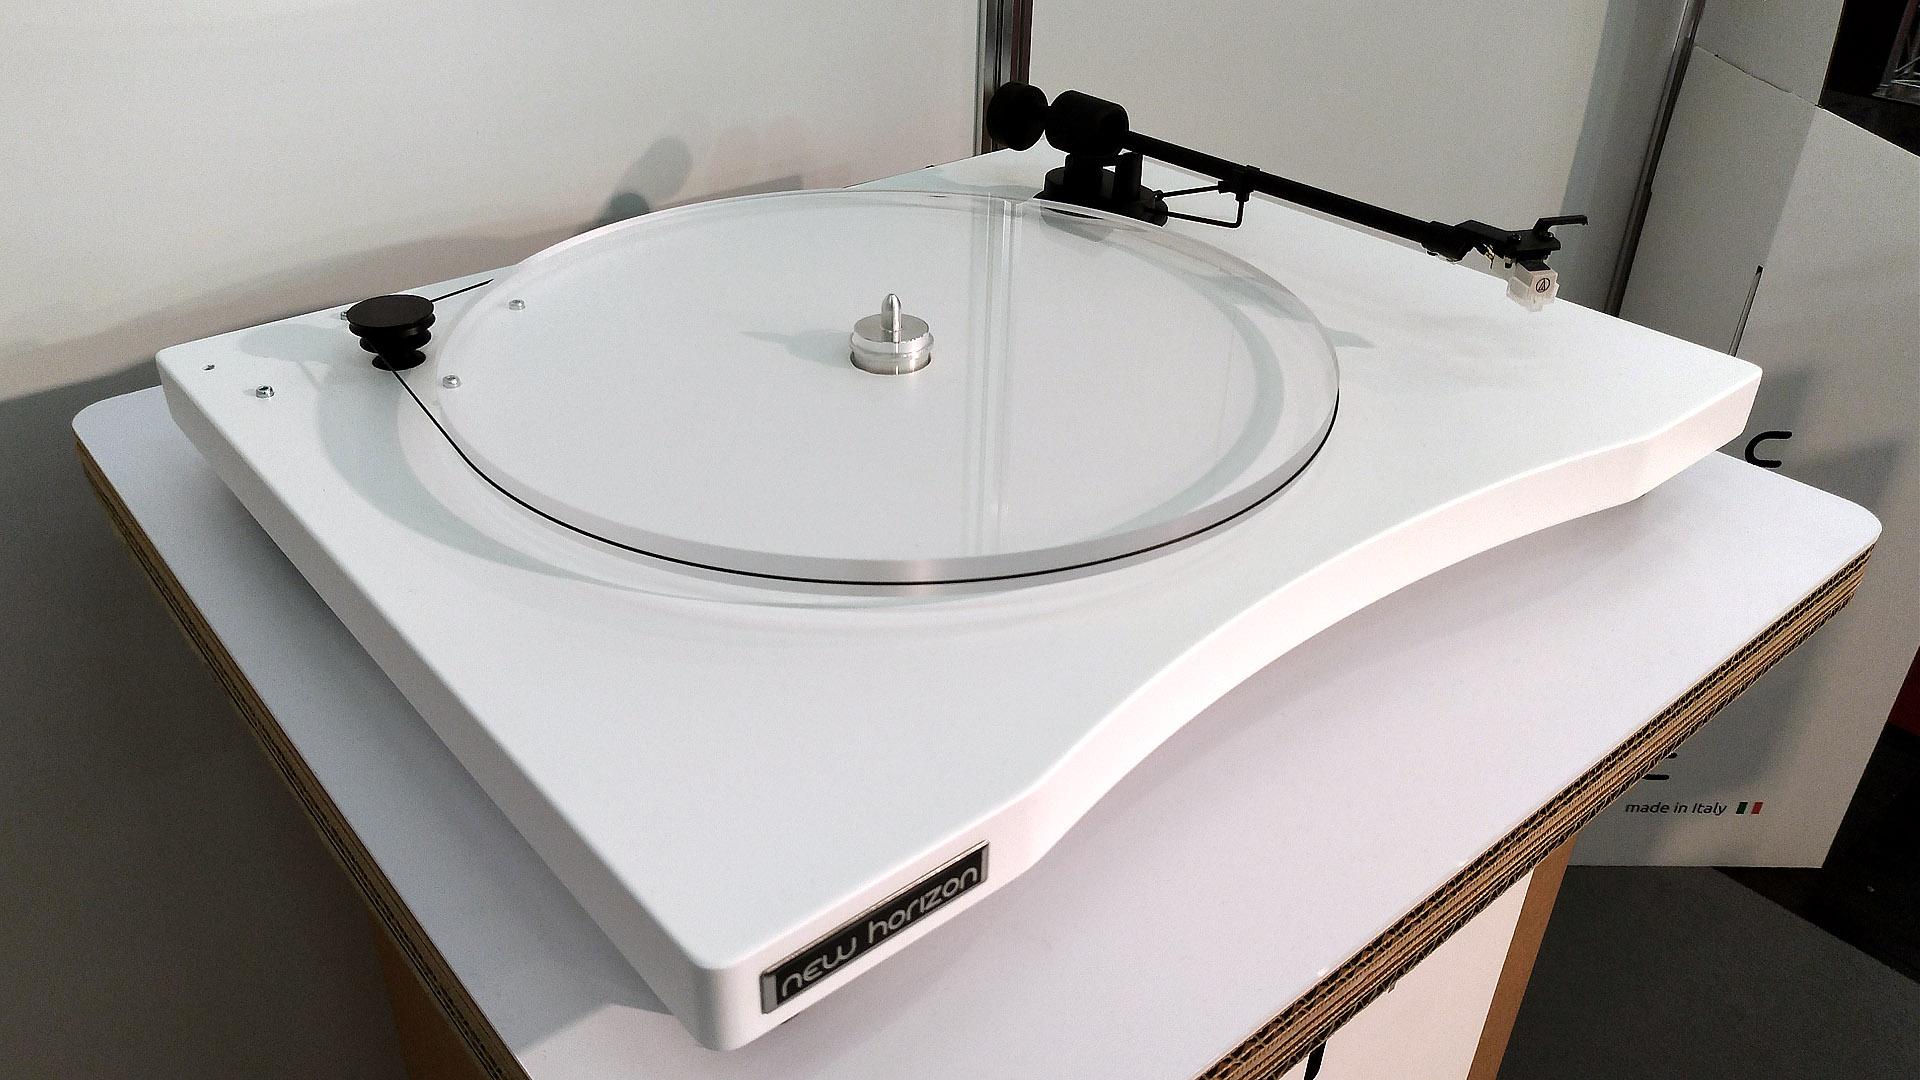 New Horizon GD1 Barevné provedení: white